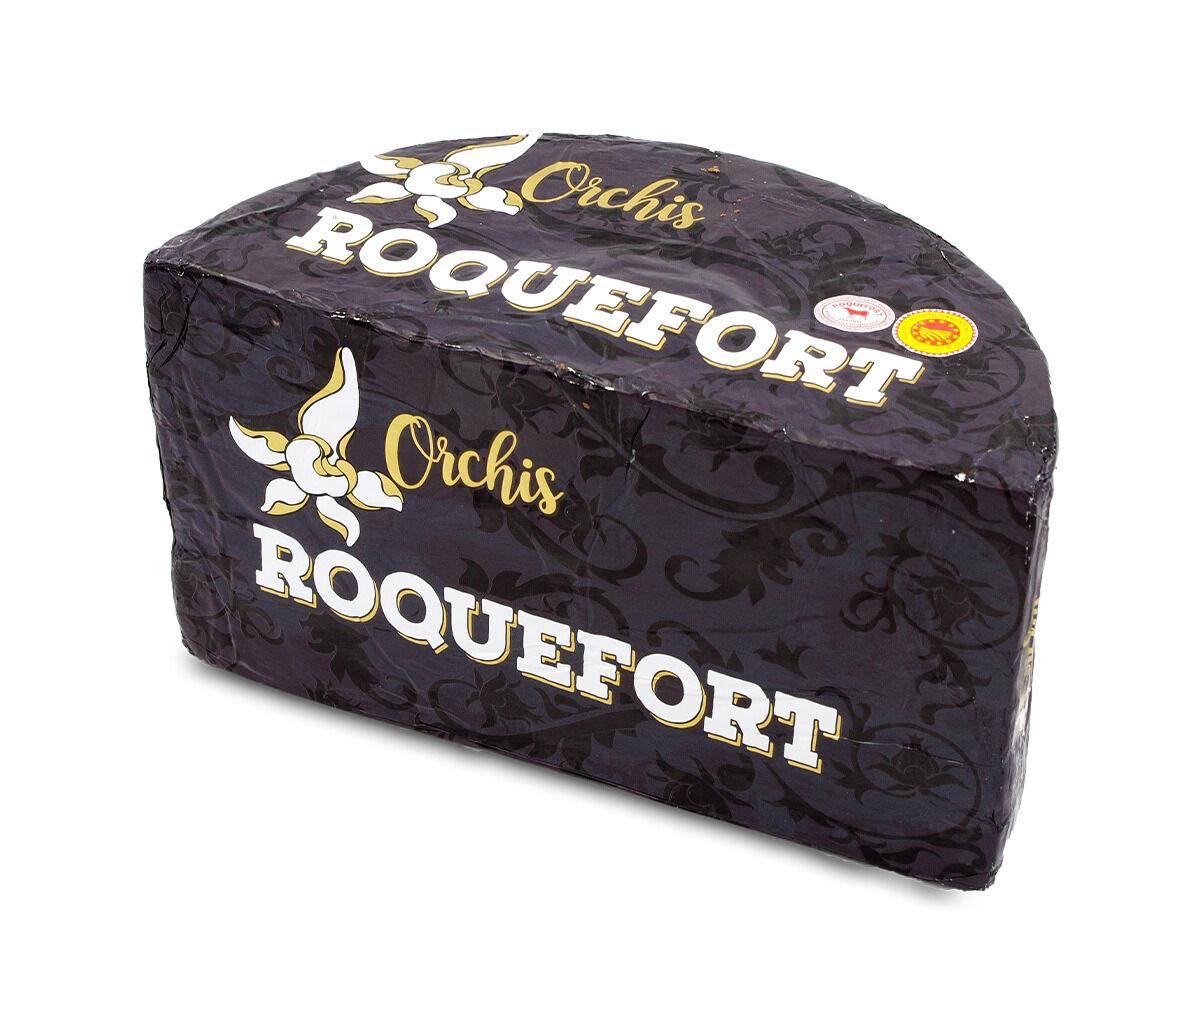 BEILLEVAIRE Roquefort Vernieres